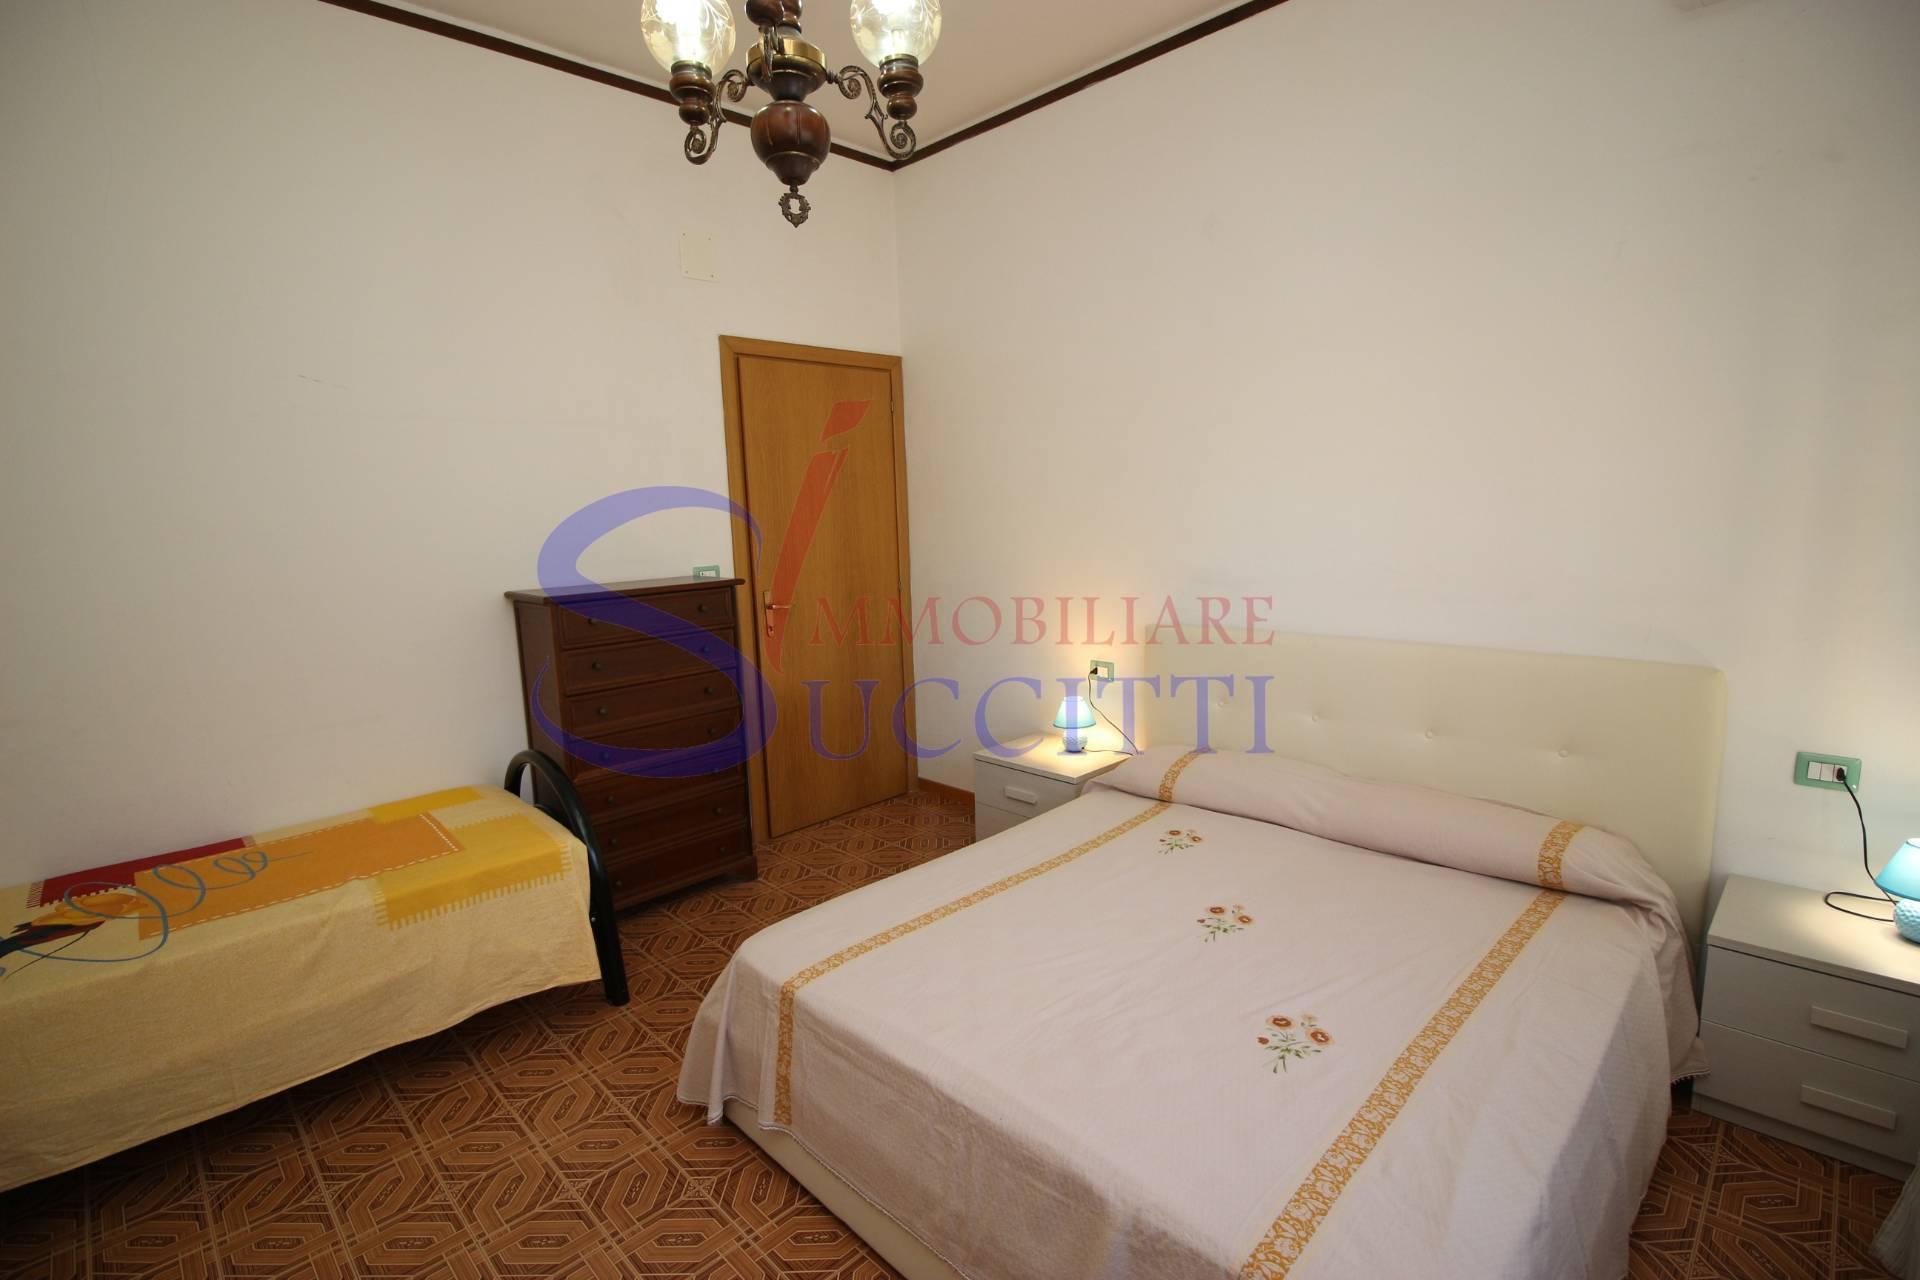 Appartamento in affitto a Alba Adriatica, 2 locali, zona Località: ZonaMare, Trattative riservate   CambioCasa.it